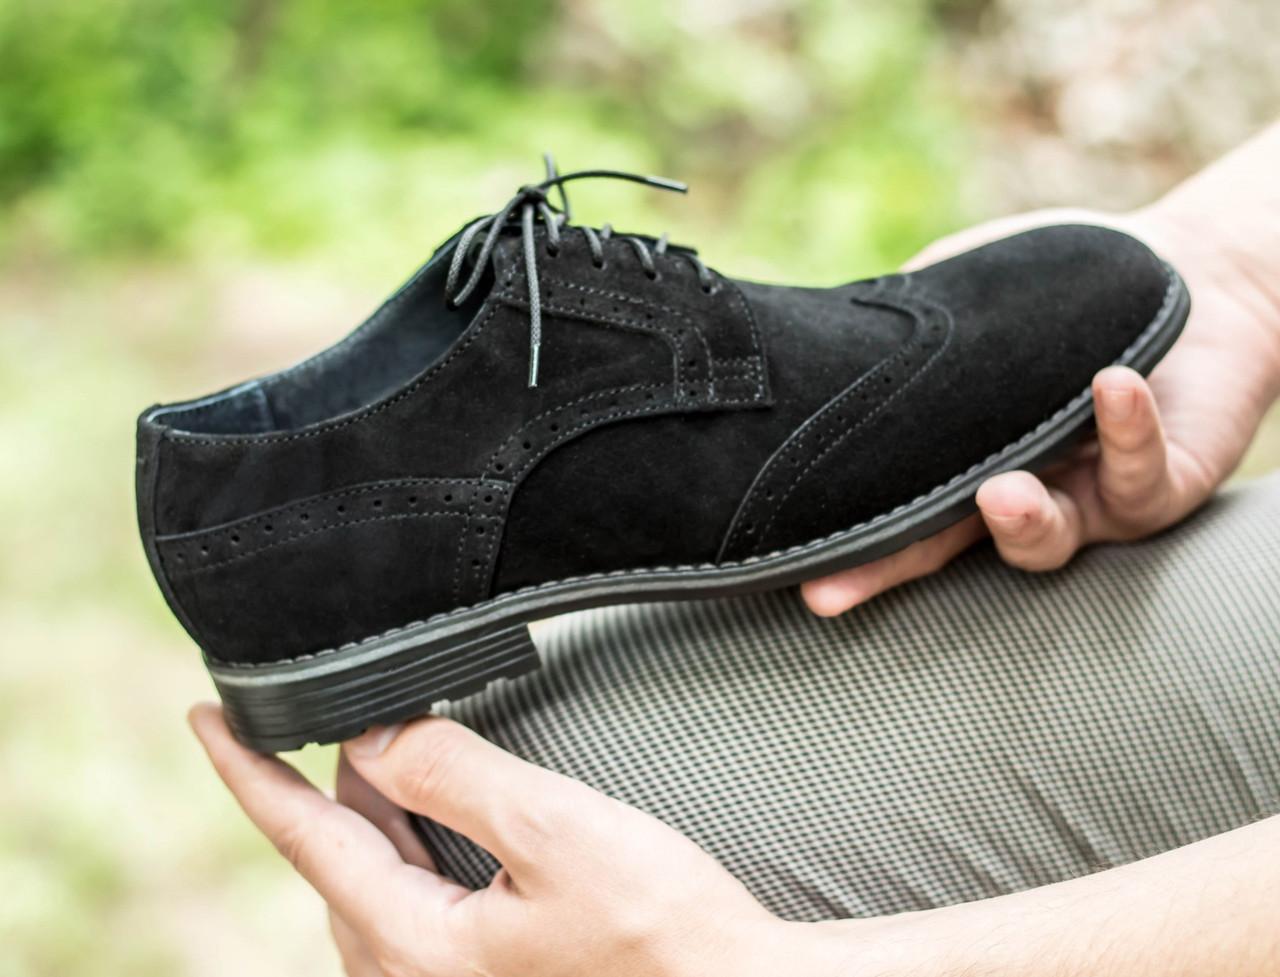 433925a3d Туфли броги мужские черные натуральная замша классические весенние -  Доберман шоп - уличный шмот в Харькове